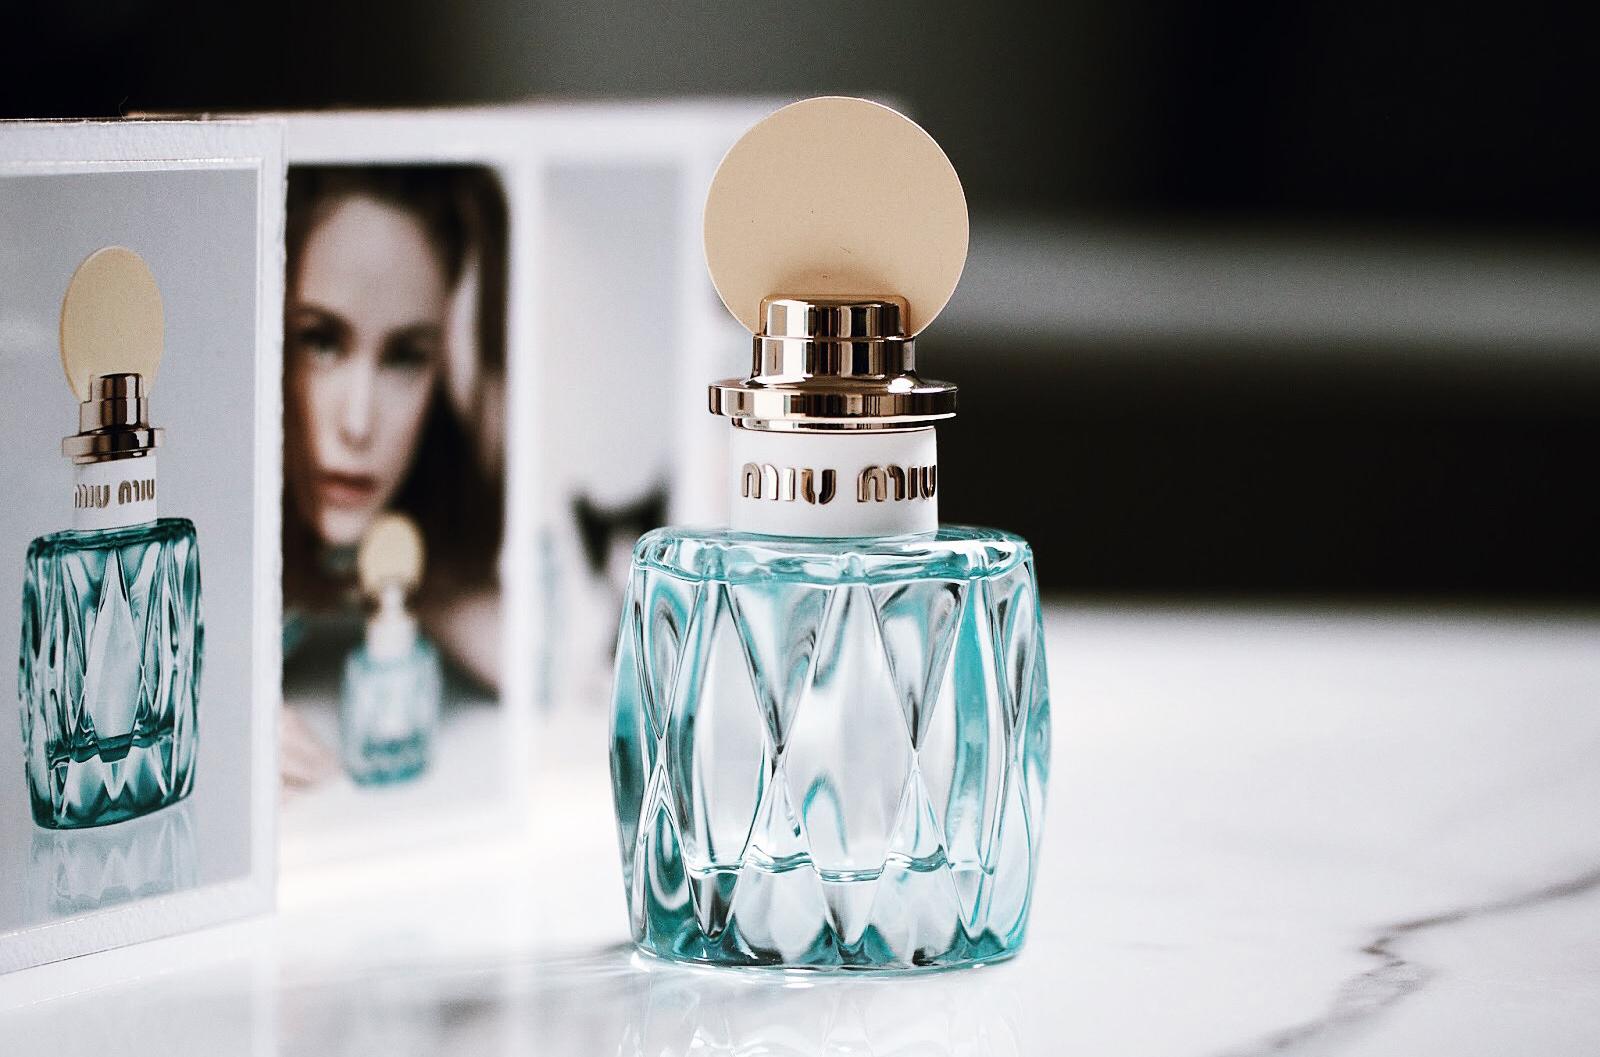 miu miu l'eau bleue parfum avis test